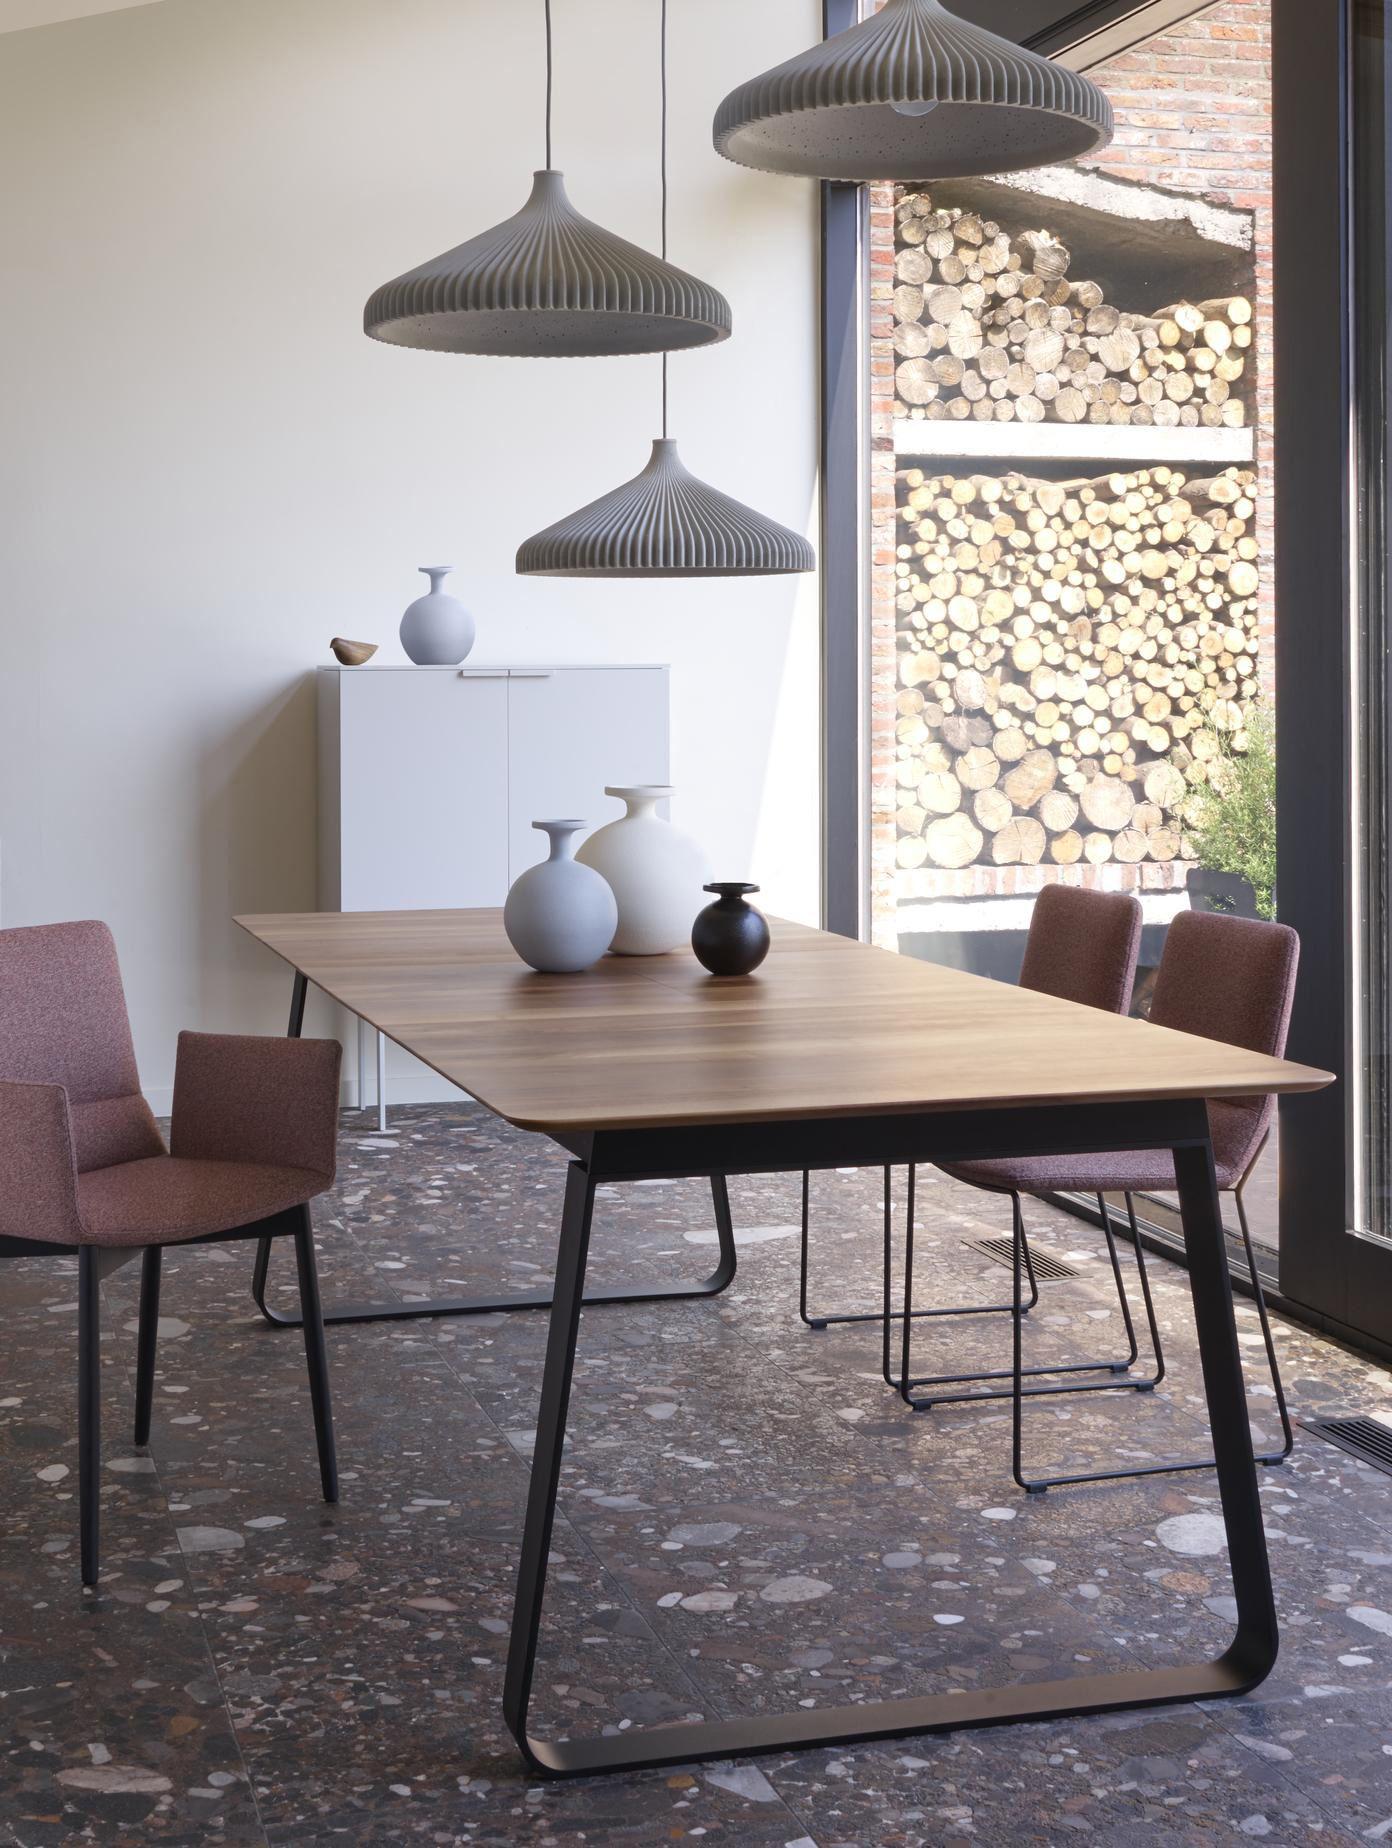 Vilna Dining Table Designed Pangnon Pelhaitre For for size 1392 X 1848